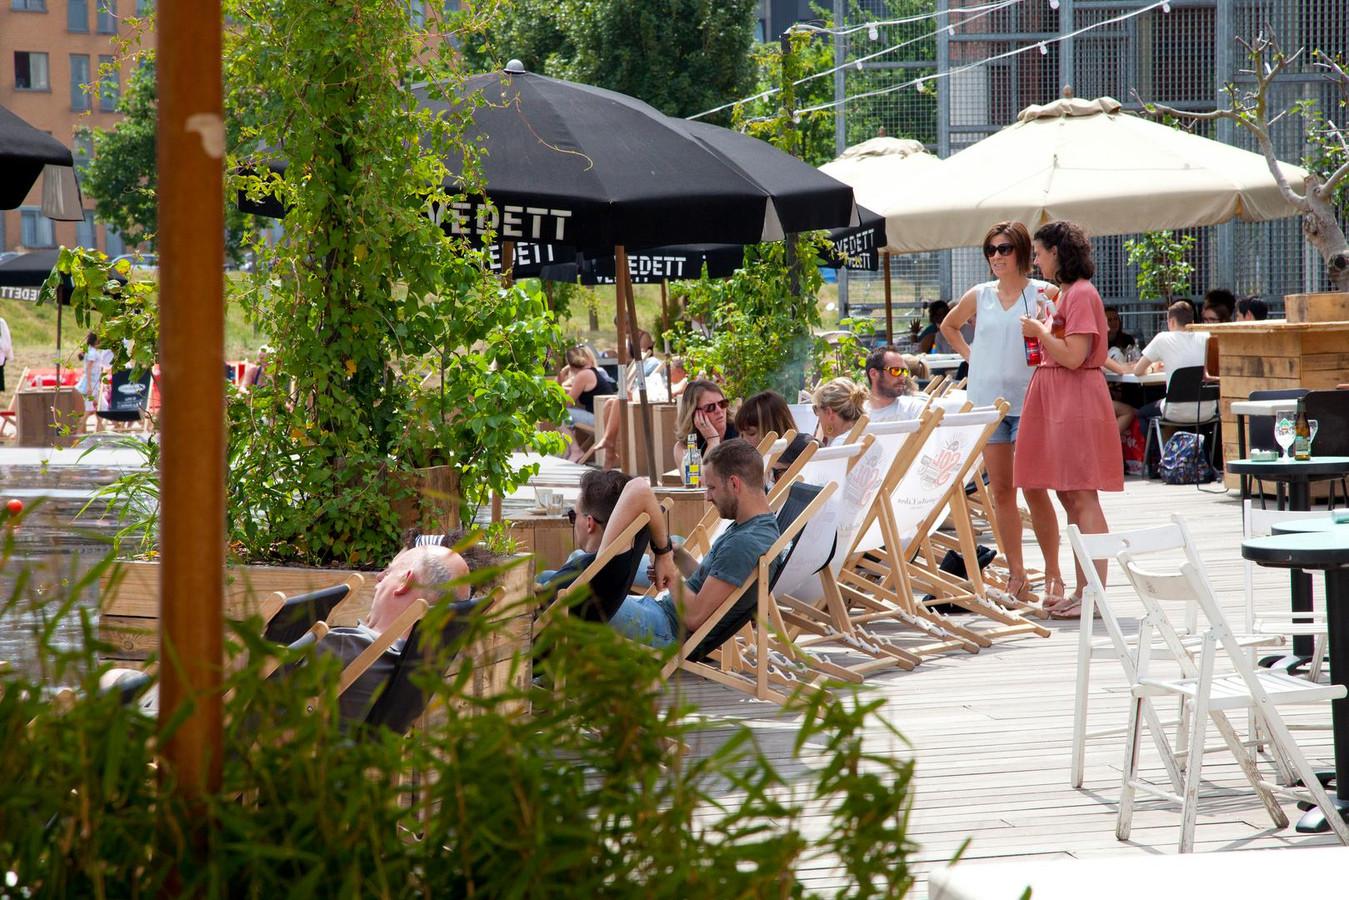 Zomerbar Bar Noord in Park Spoor Noord (archiefbeeld uit 2018).